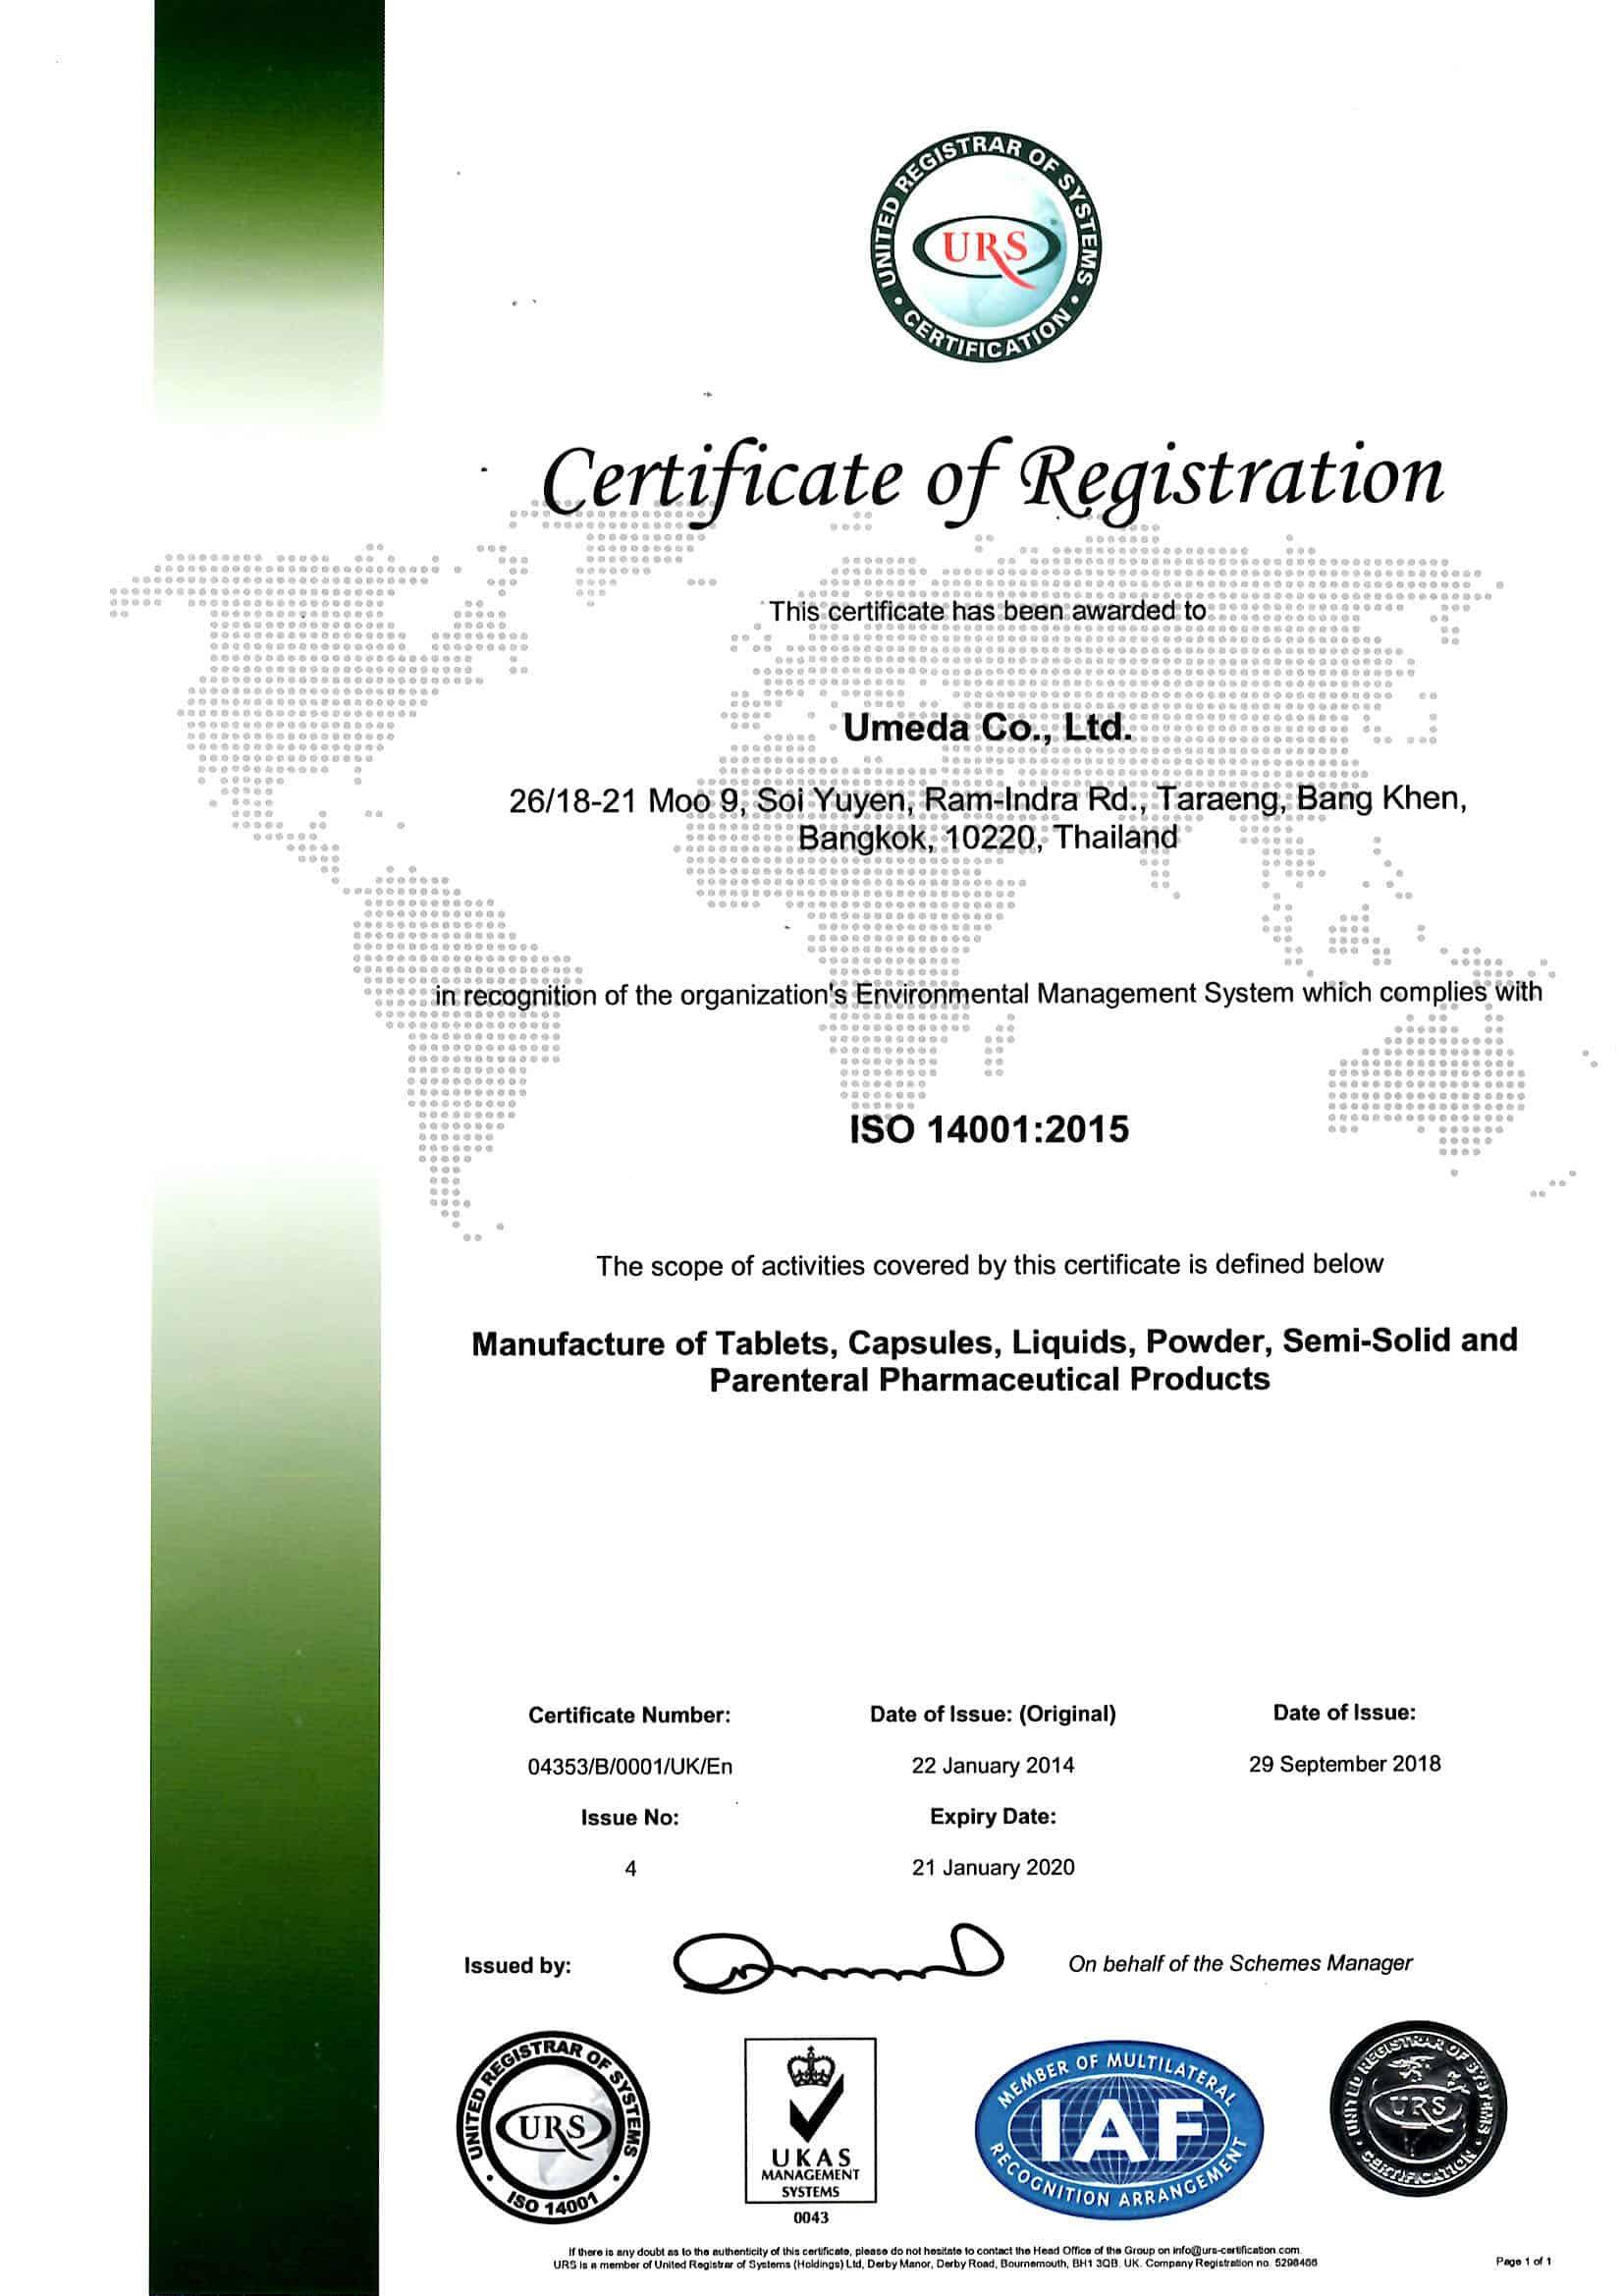 ISO 14001 of Umeda